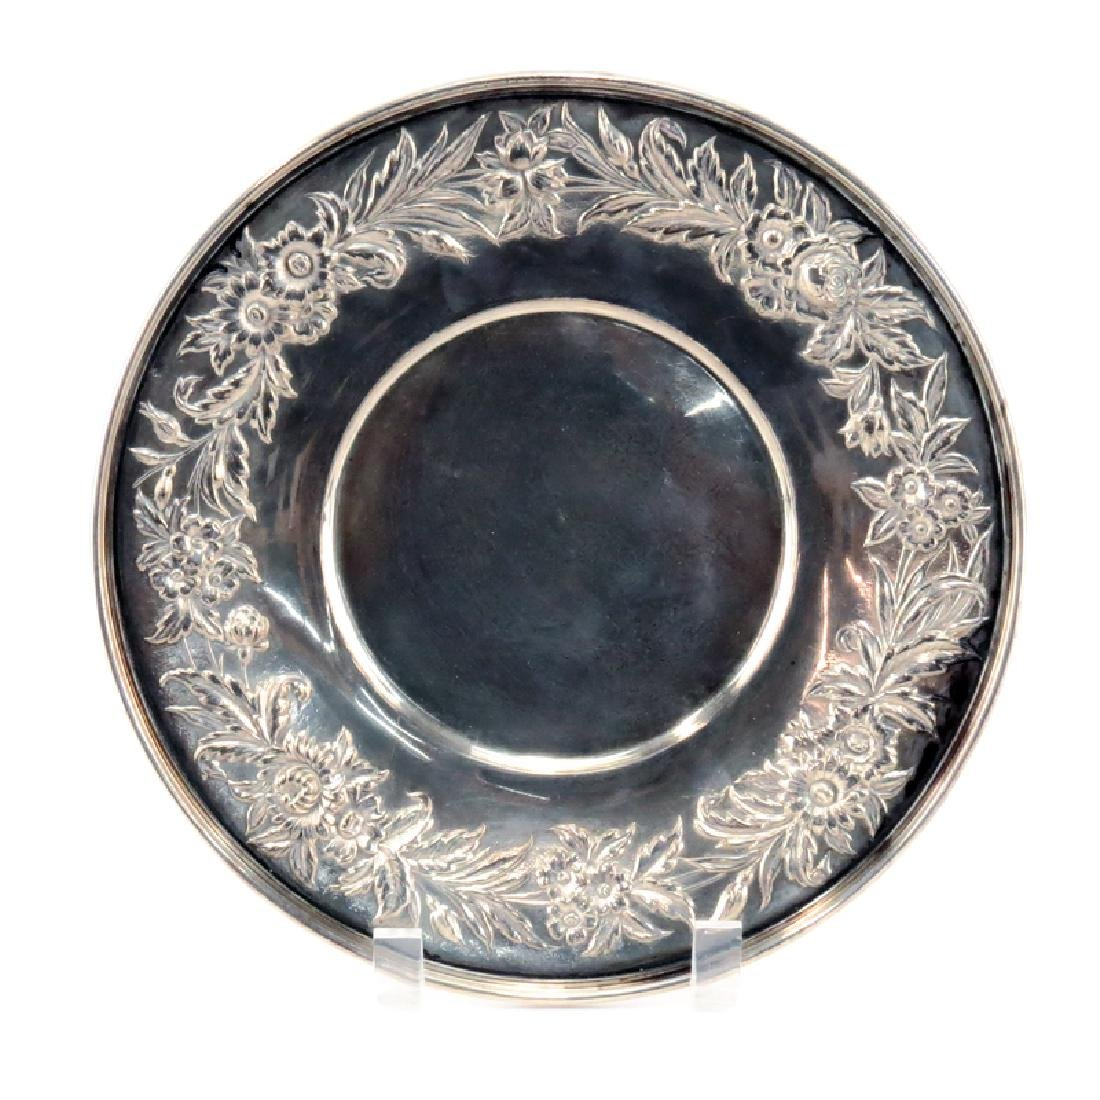 Vintage Kirk Sterling Silver Plate. Signed. Light